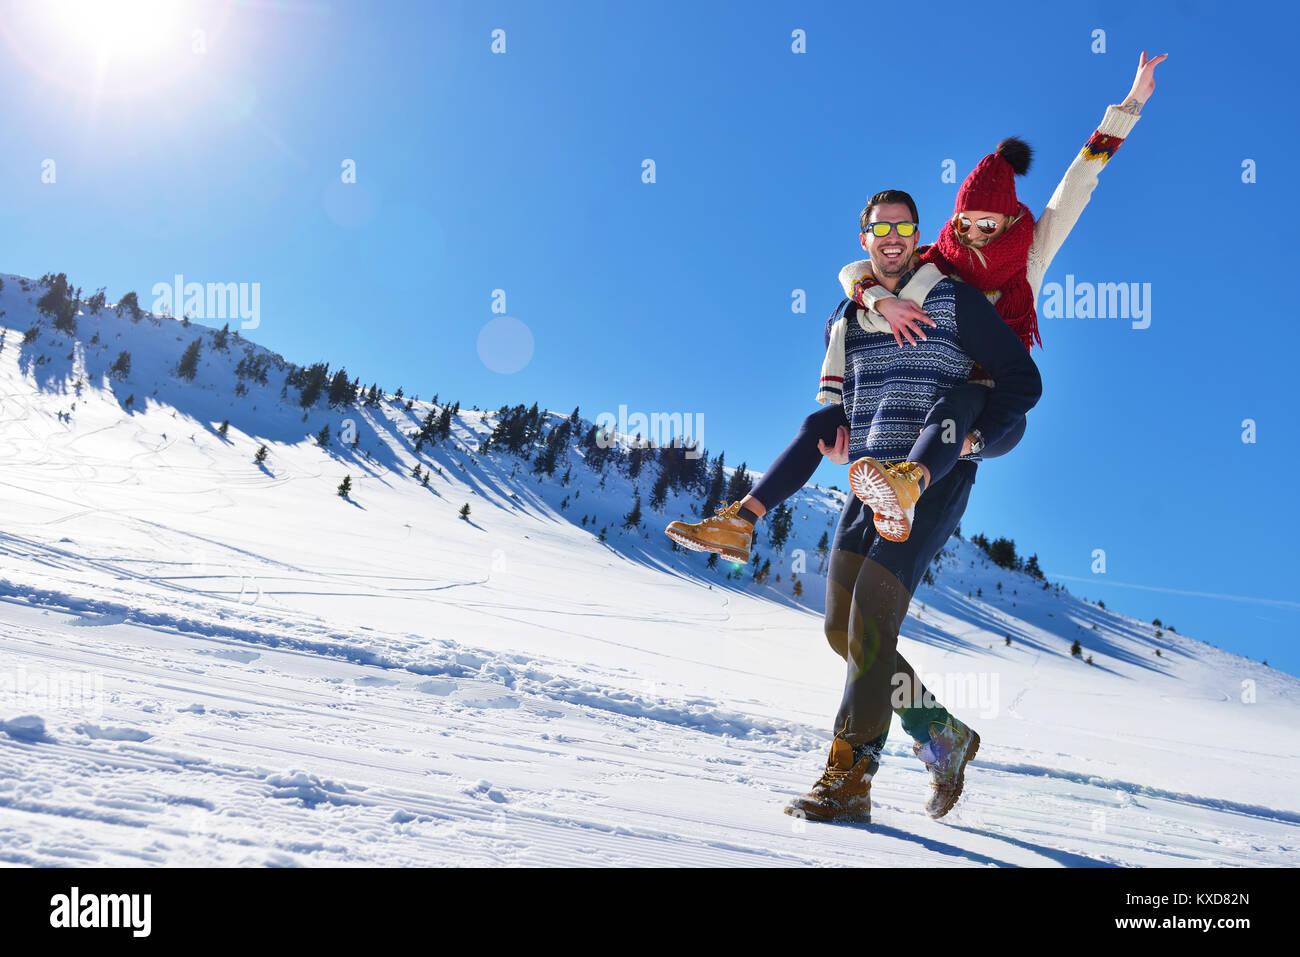 Ein junges Paar, das Spaß im Schnee. Glückliche Menschen am Berg, piggyback Ride zu sein lächelndes Stockbild